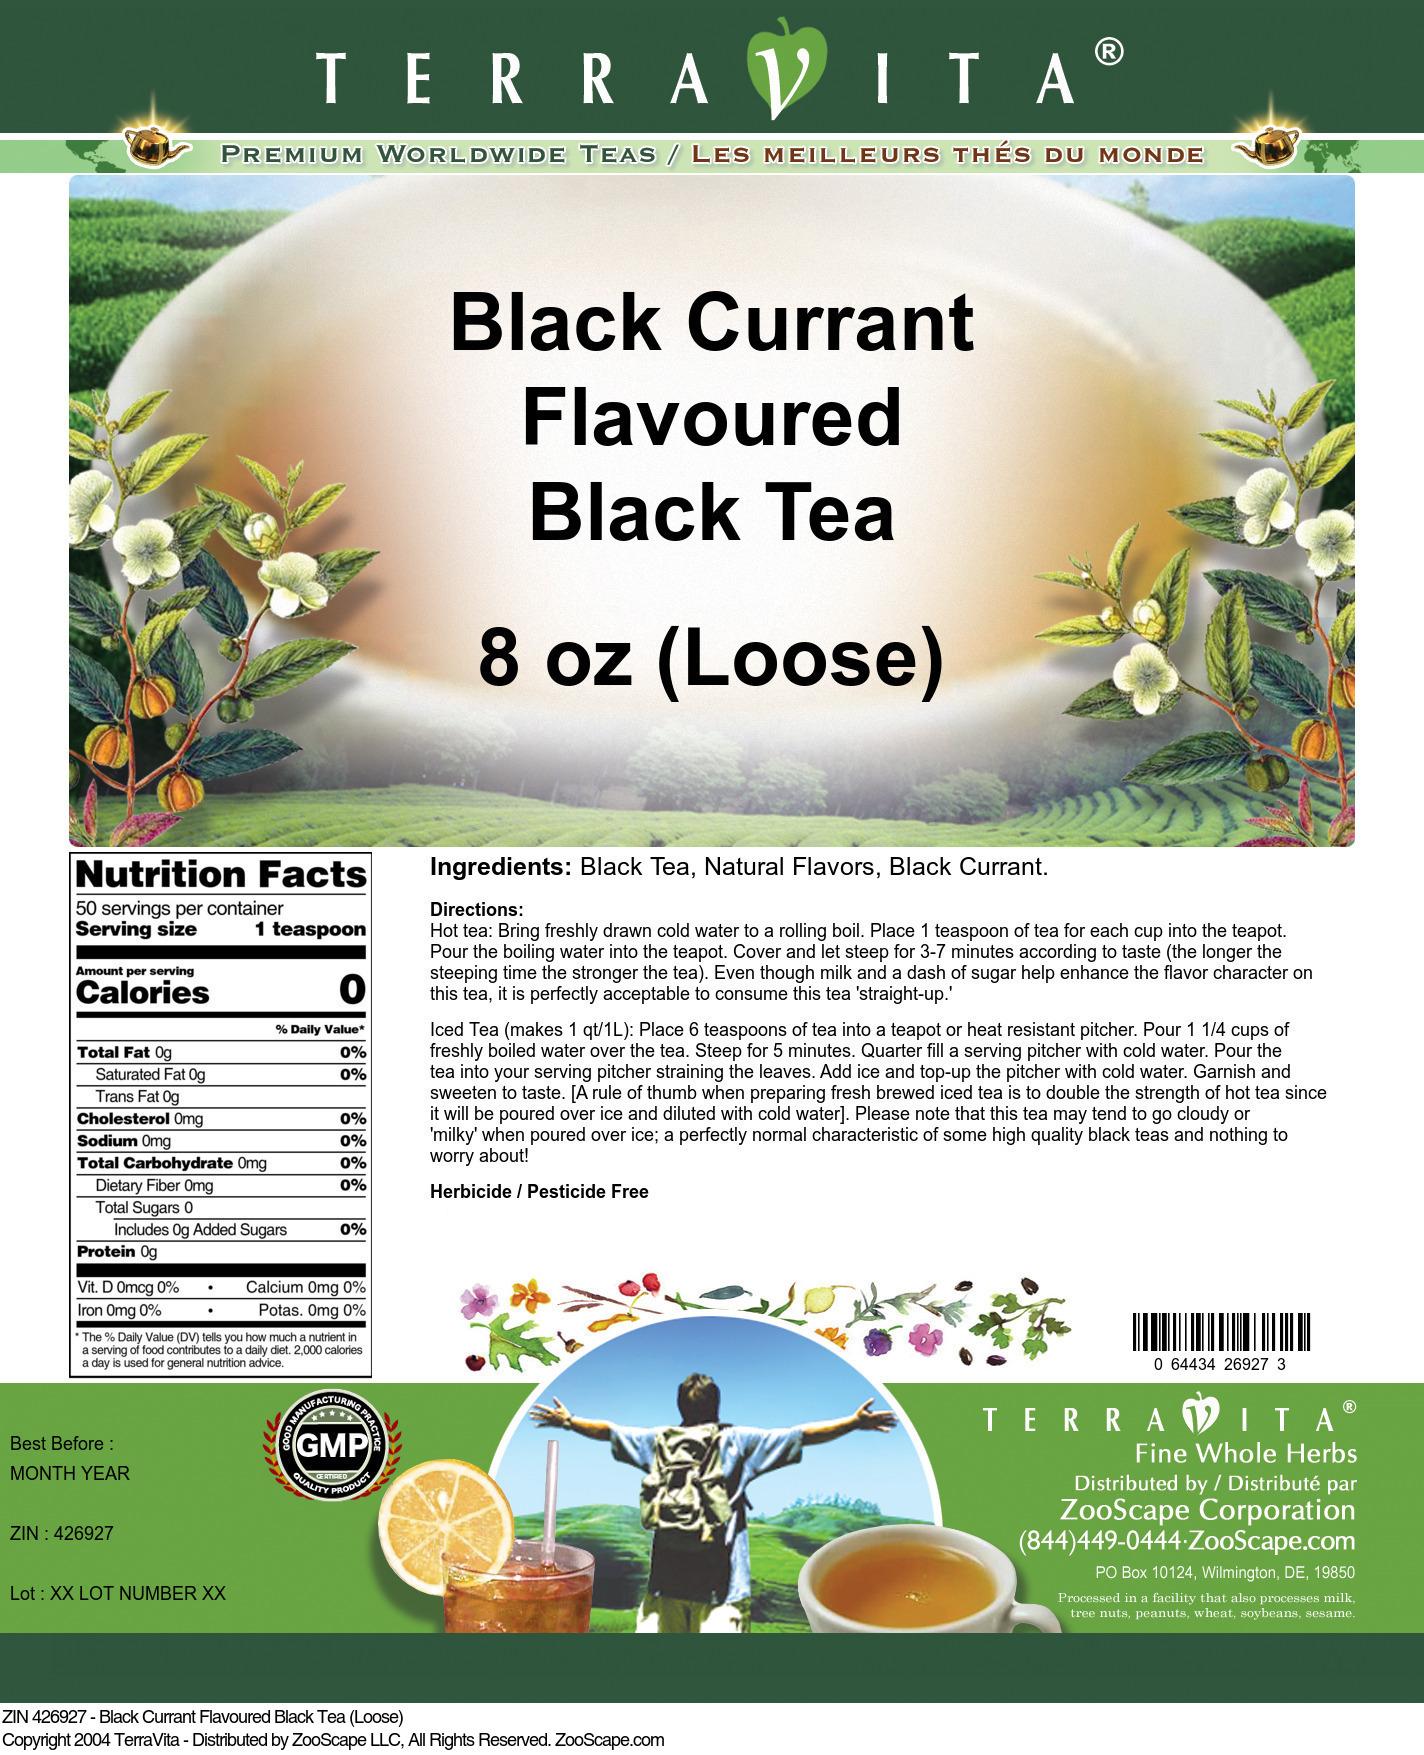 Black Currant Flavoured Black Tea (Loose)